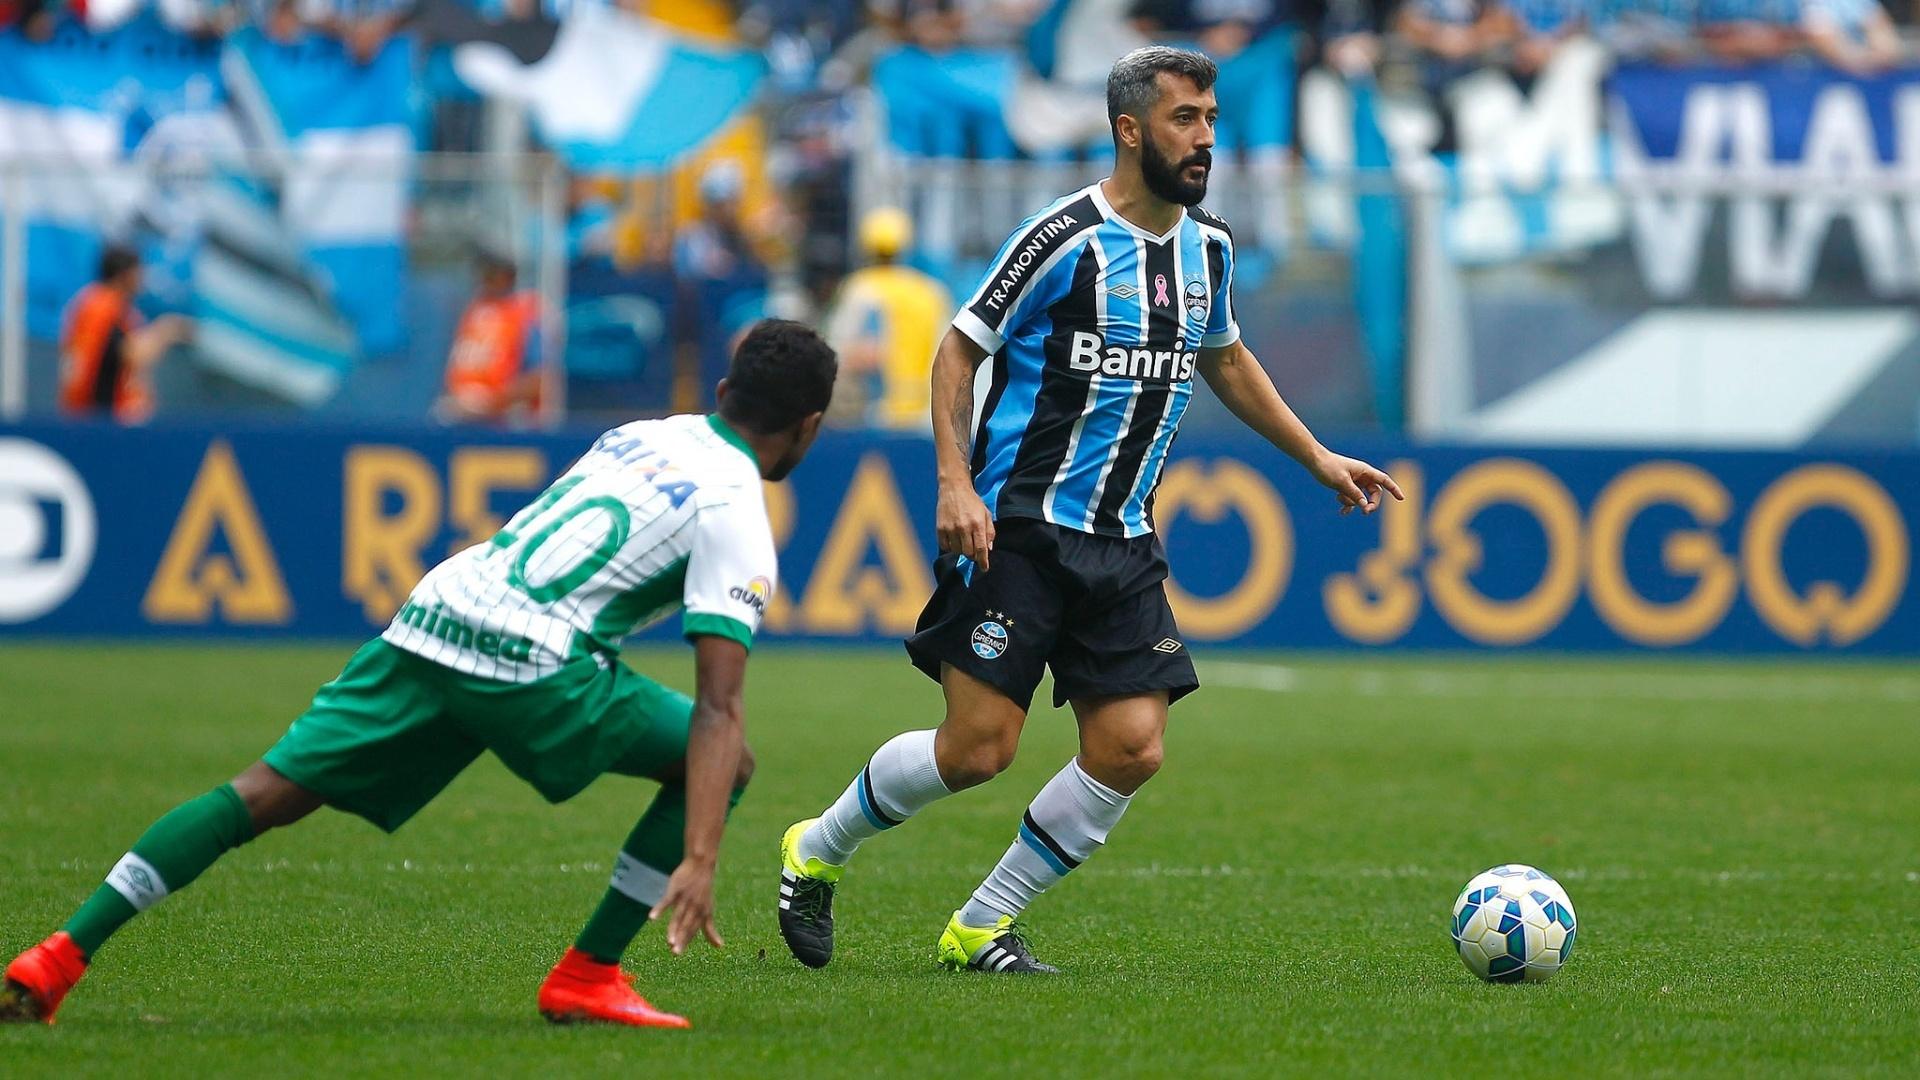 Douglas tenta se livrar da marcação e parte para o ataque no duelo entre Grêmio e Chapecoense